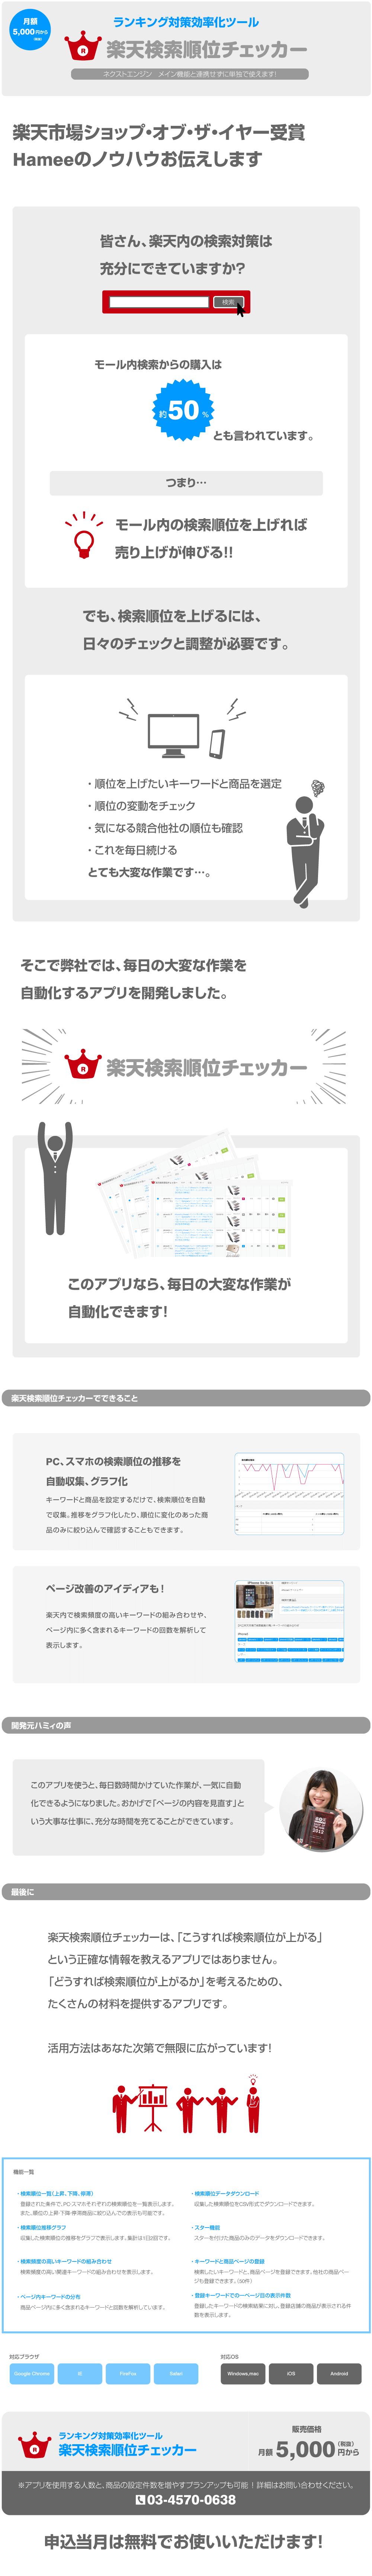 【楽天SEO】楽天検索順位チェッカー